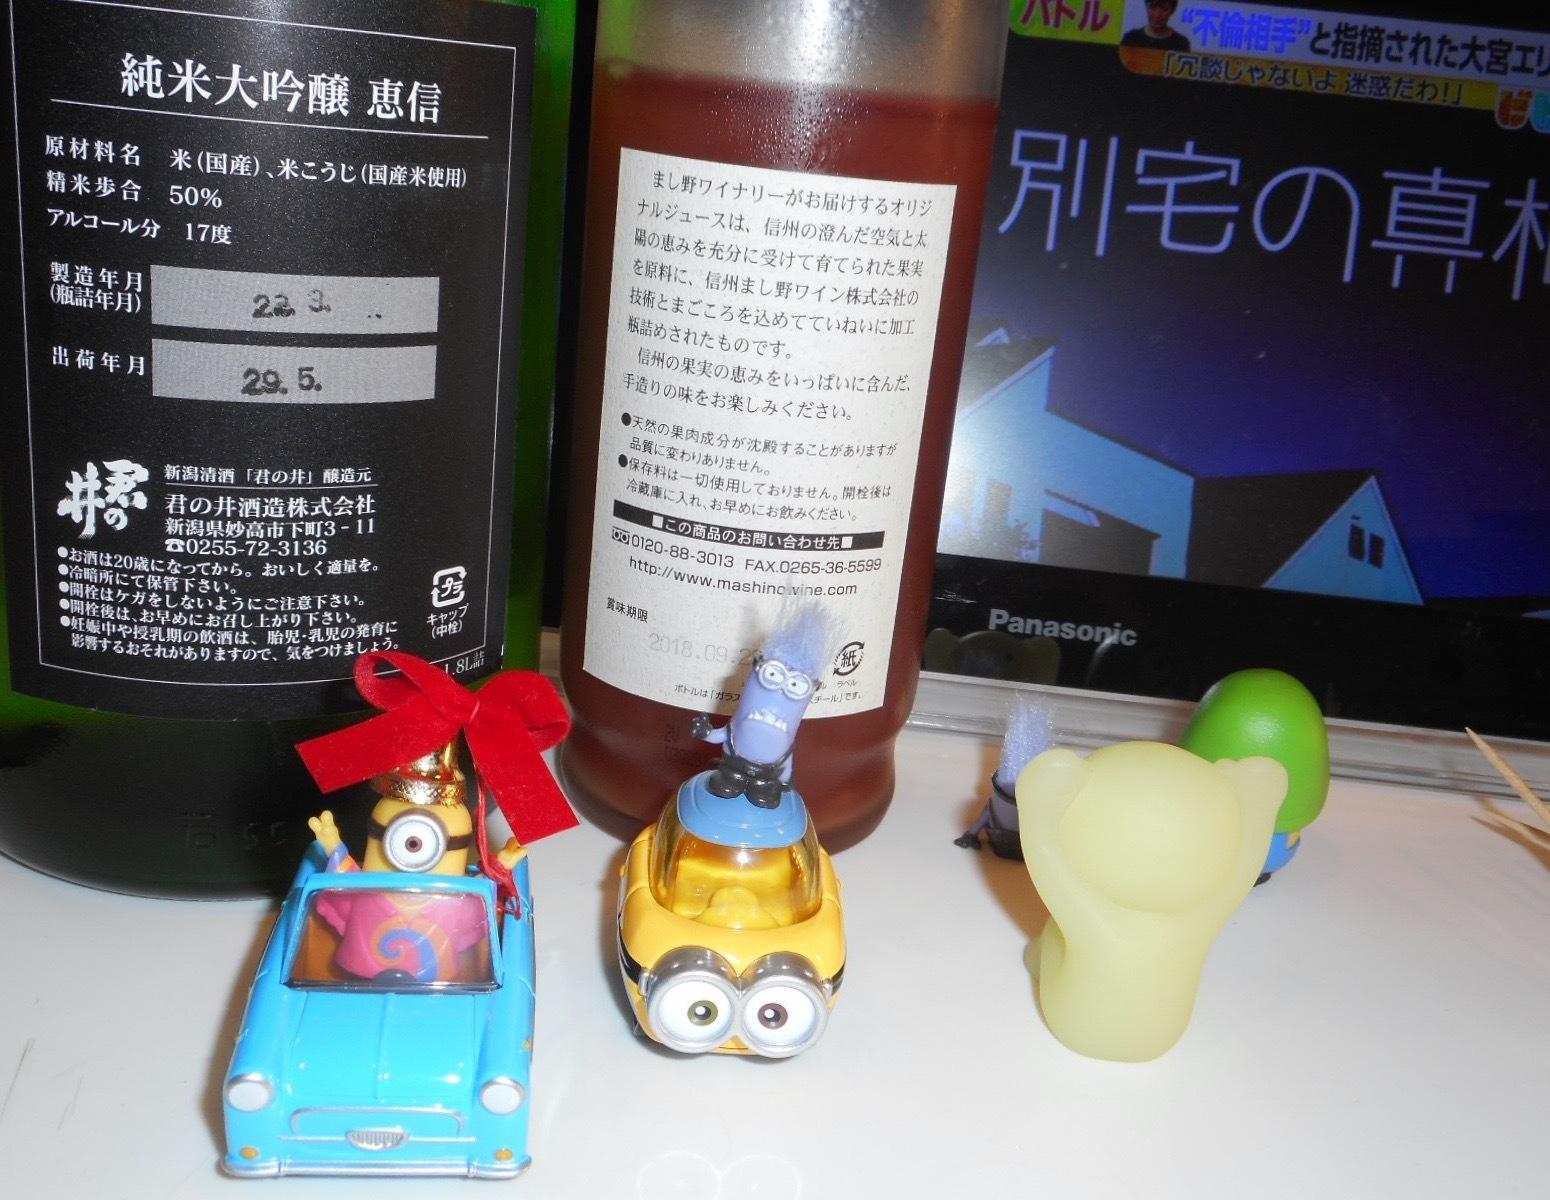 eishin_arabashiri28by2.jpg